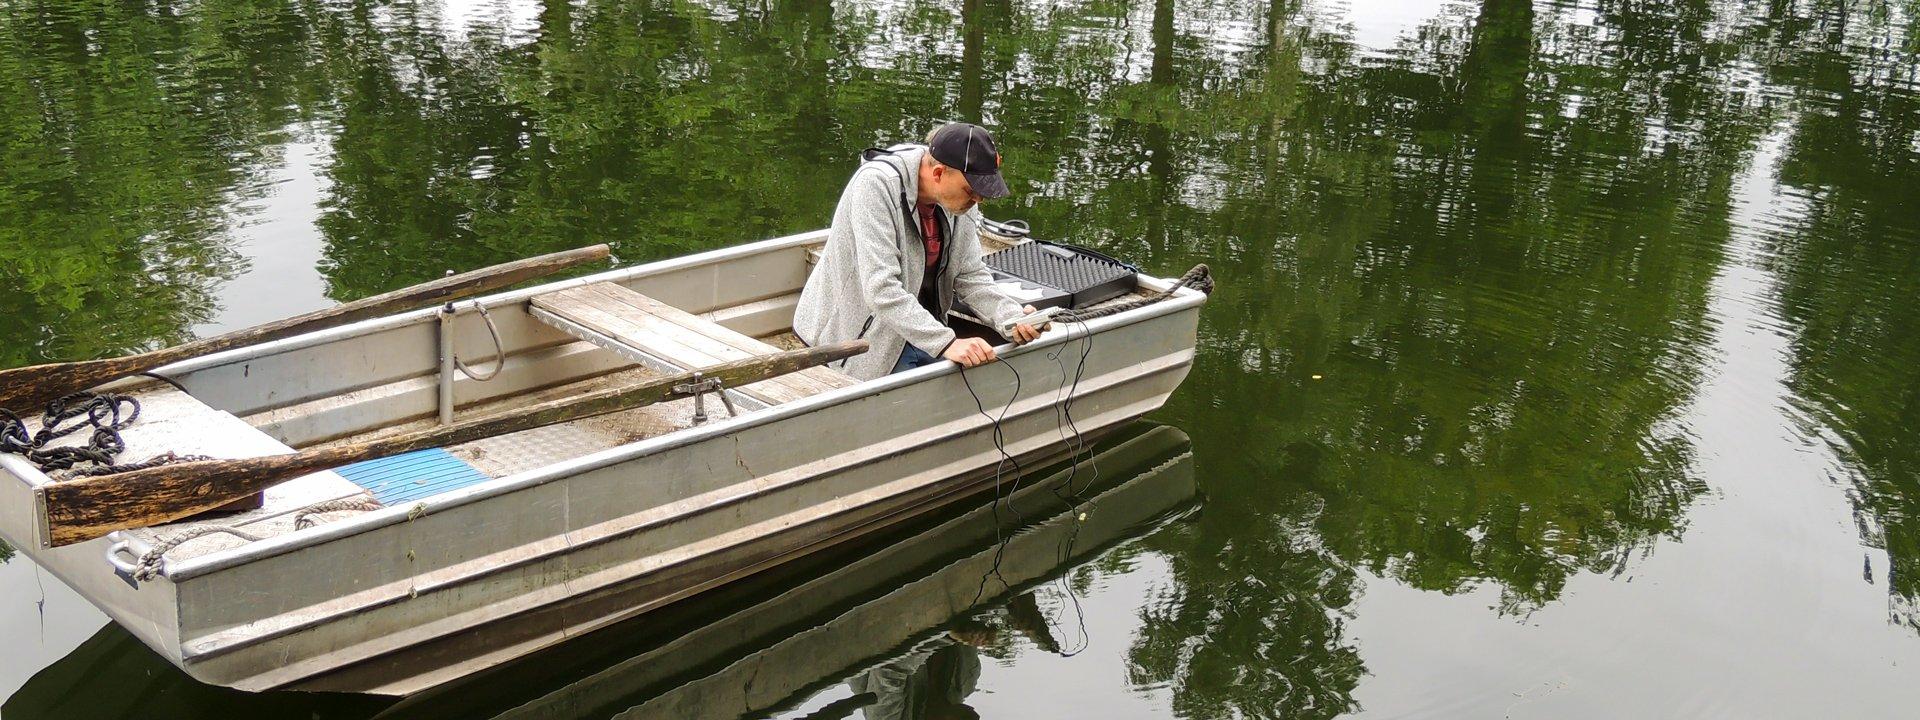 Technologie de mesure environnementale pour assurer la protection de l'eau.